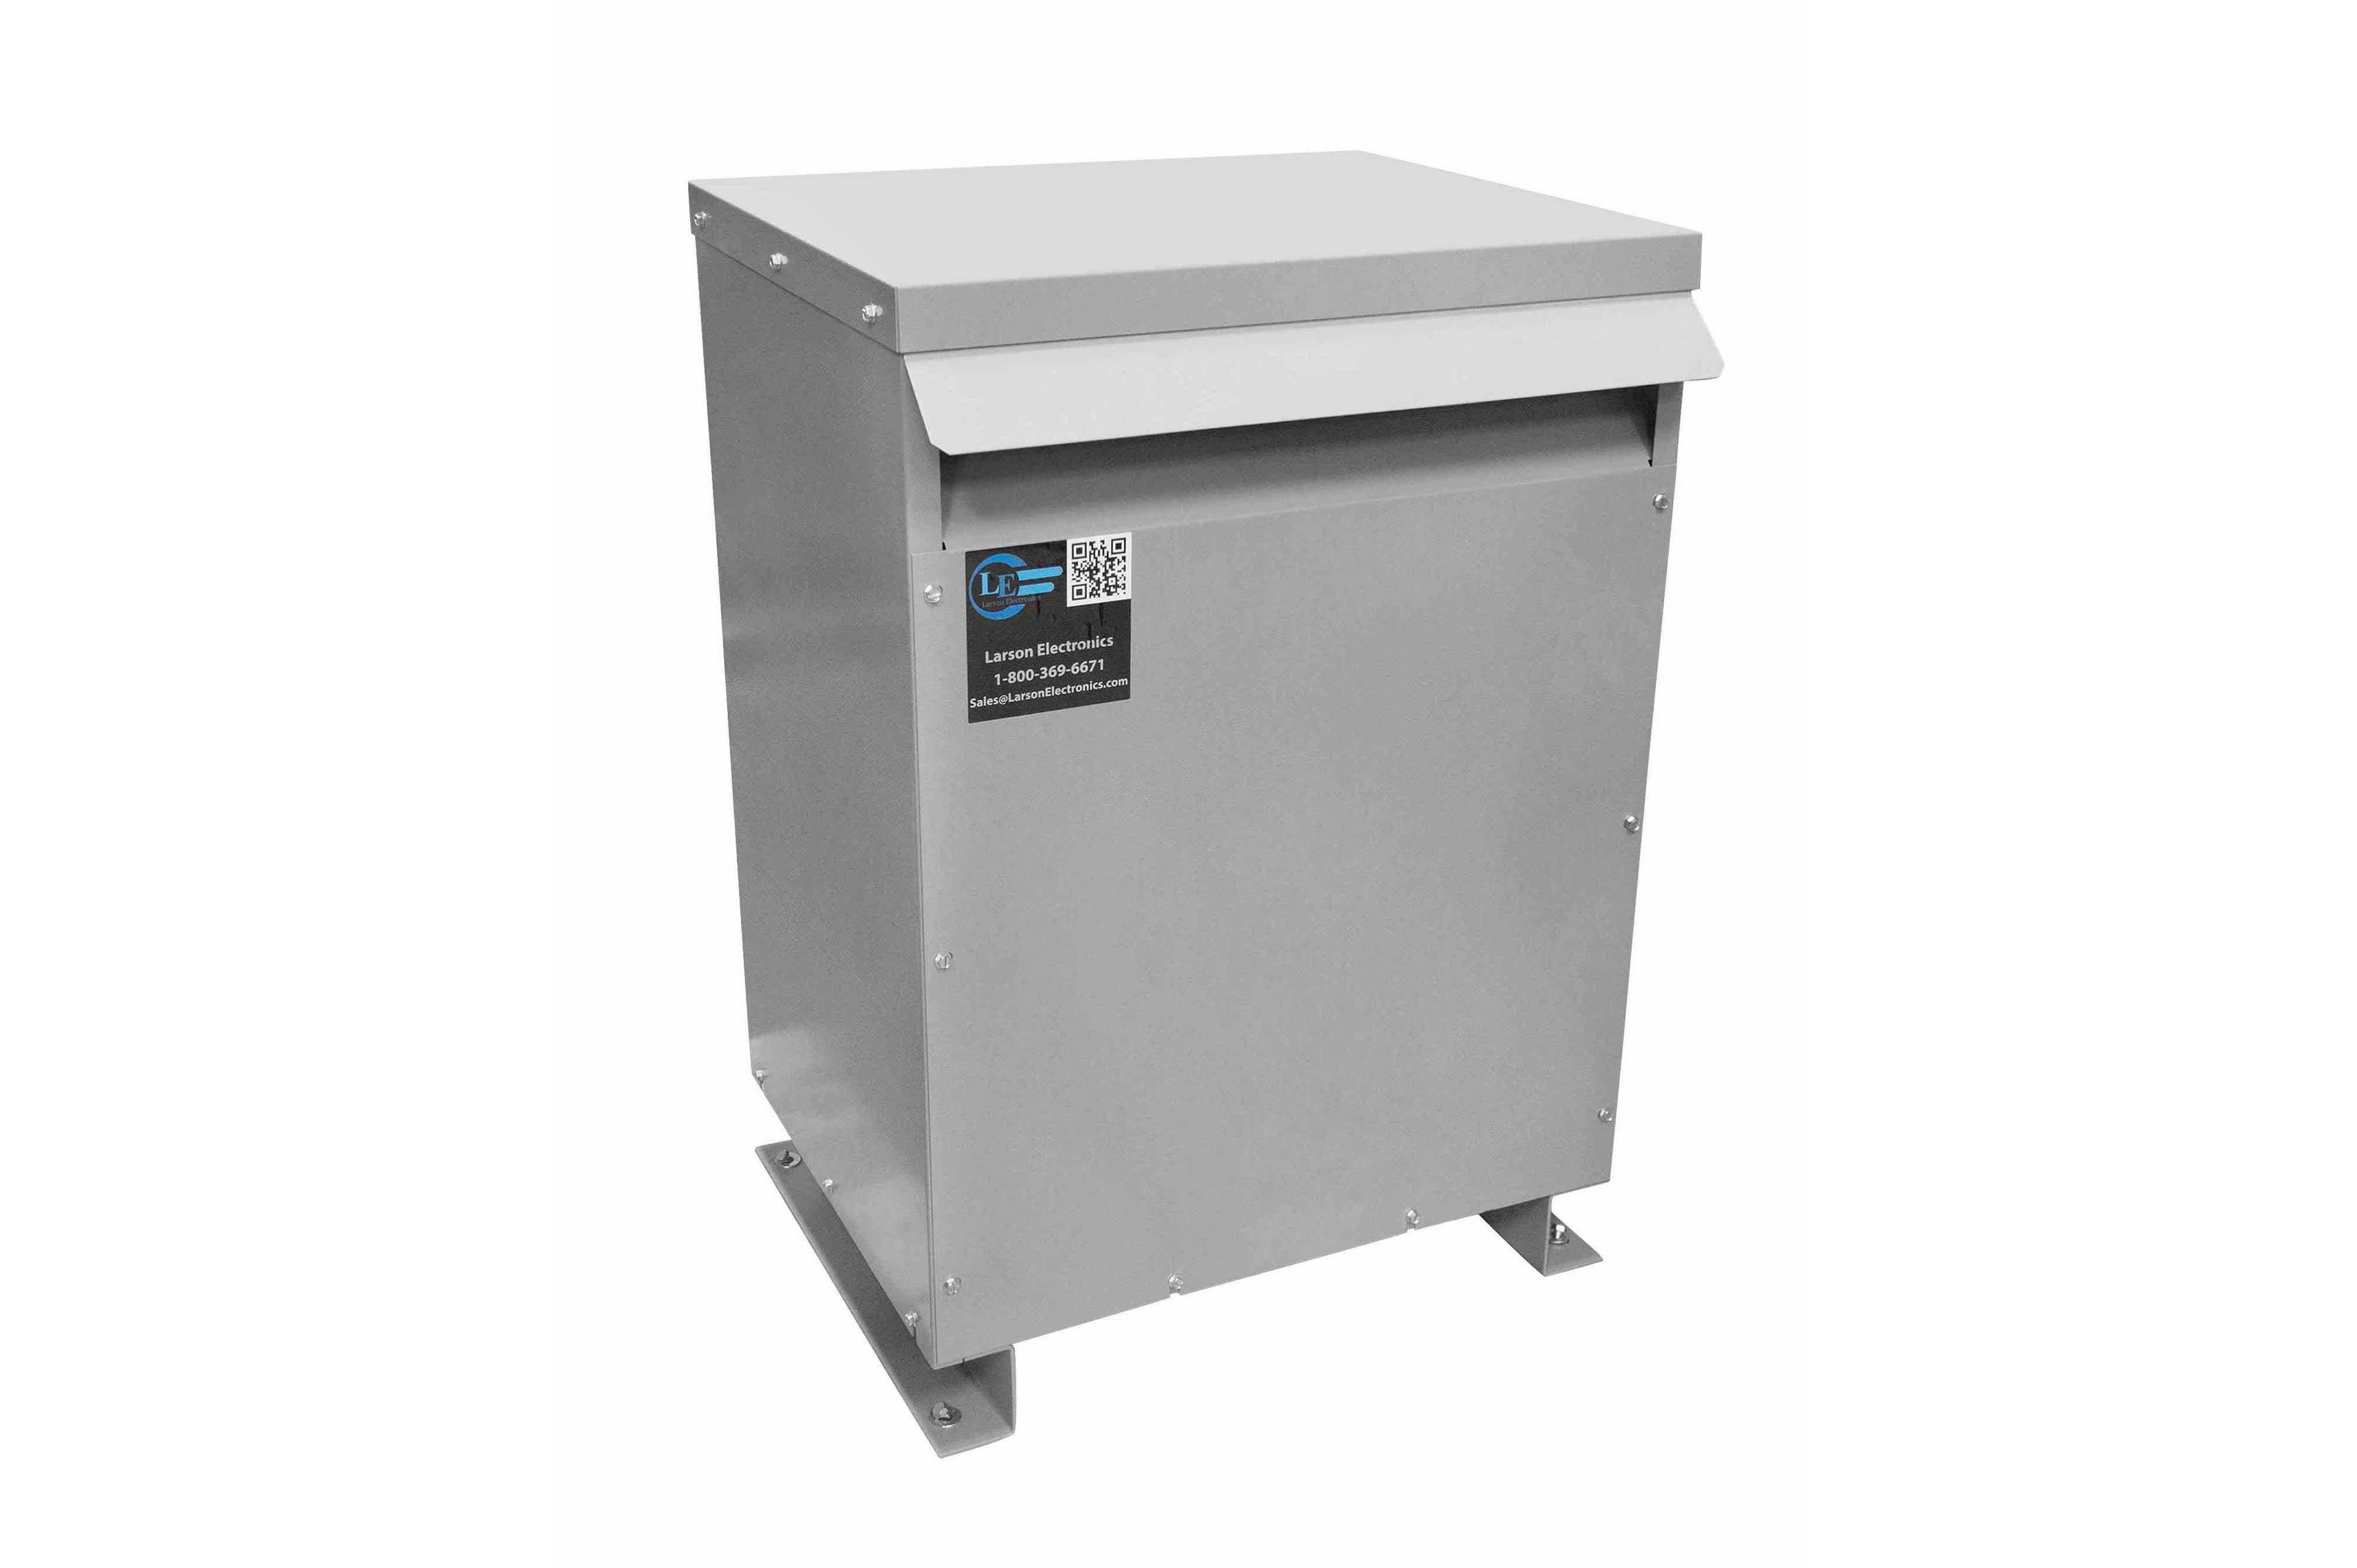 25 kVA 3PH Isolation Transformer, 240V Delta Primary, 415V Delta Secondary, N3R, Ventilated, 60 Hz